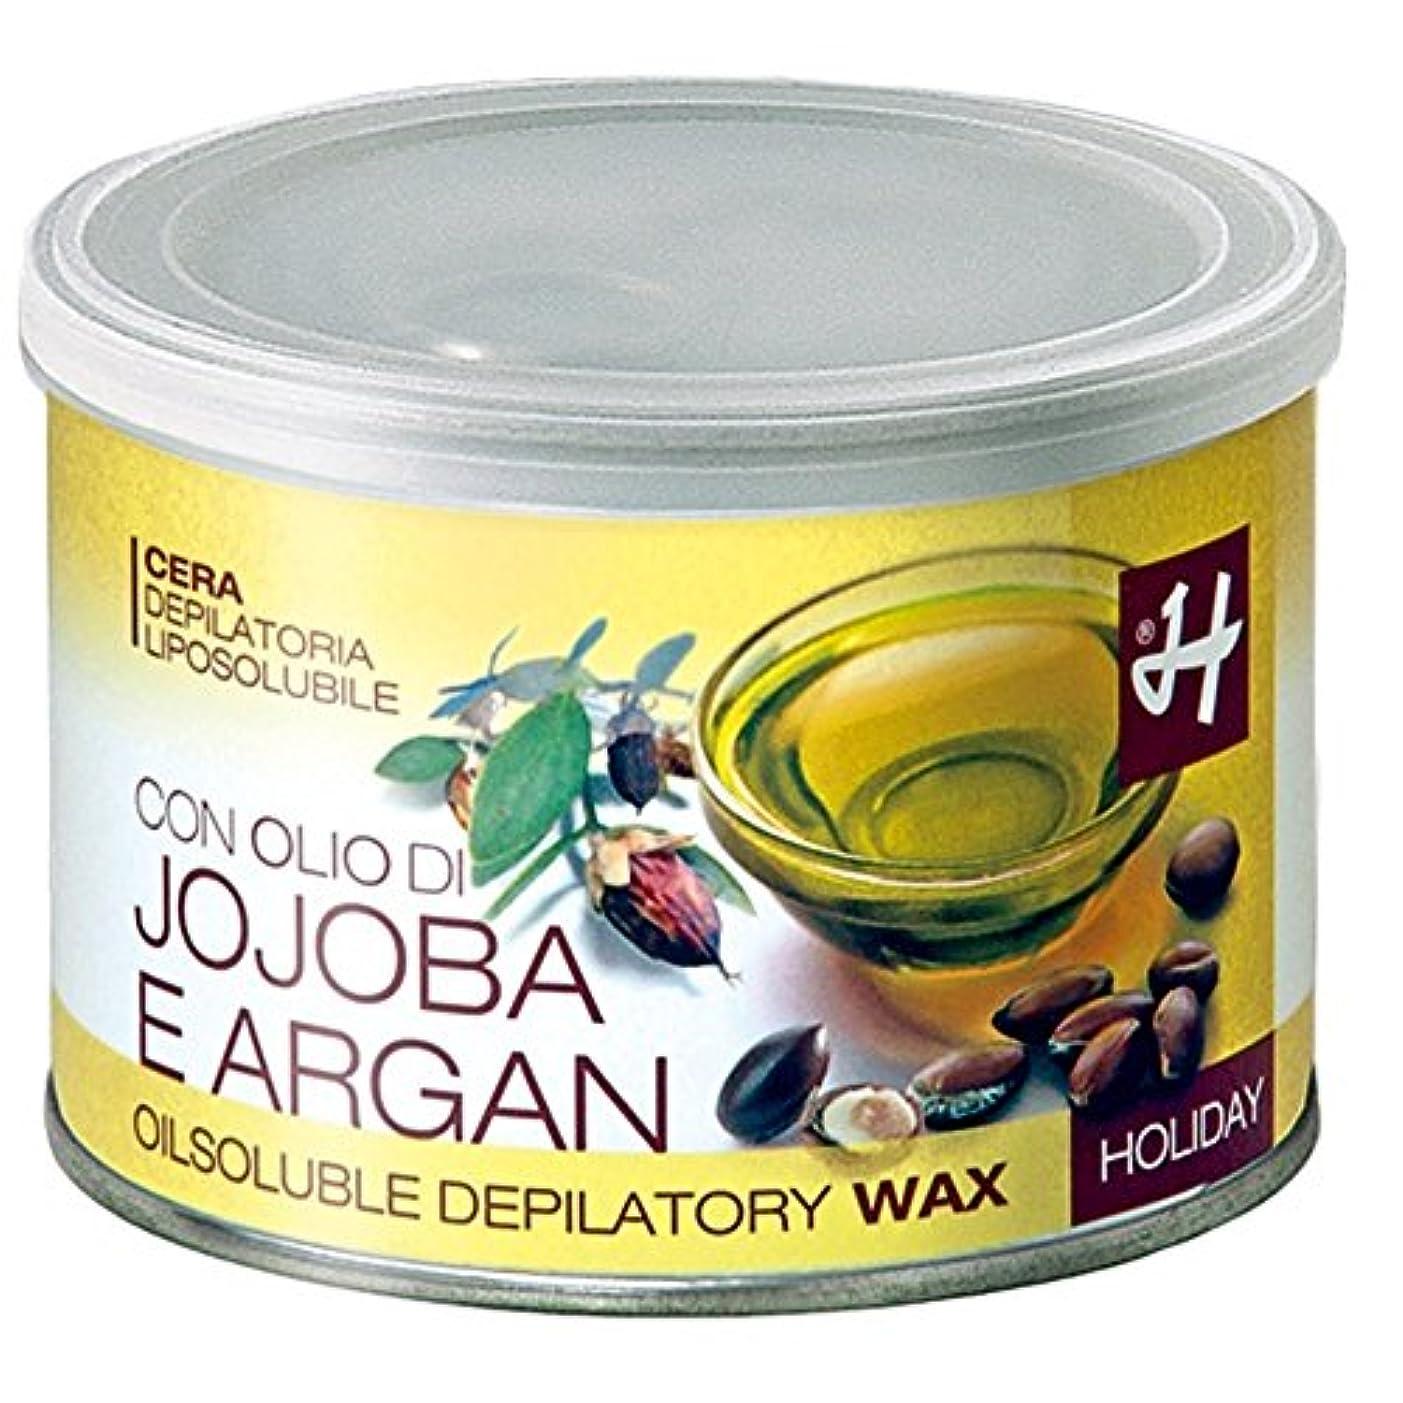 チューブ楕円形エゴイズムHOLIDAY JAPAN (ホリデイジャパン) ホホバ&アルガンオイル?エレメンツ ロジンフリーワックス 400ml イタリア製 ブラジリアンワックス WAX